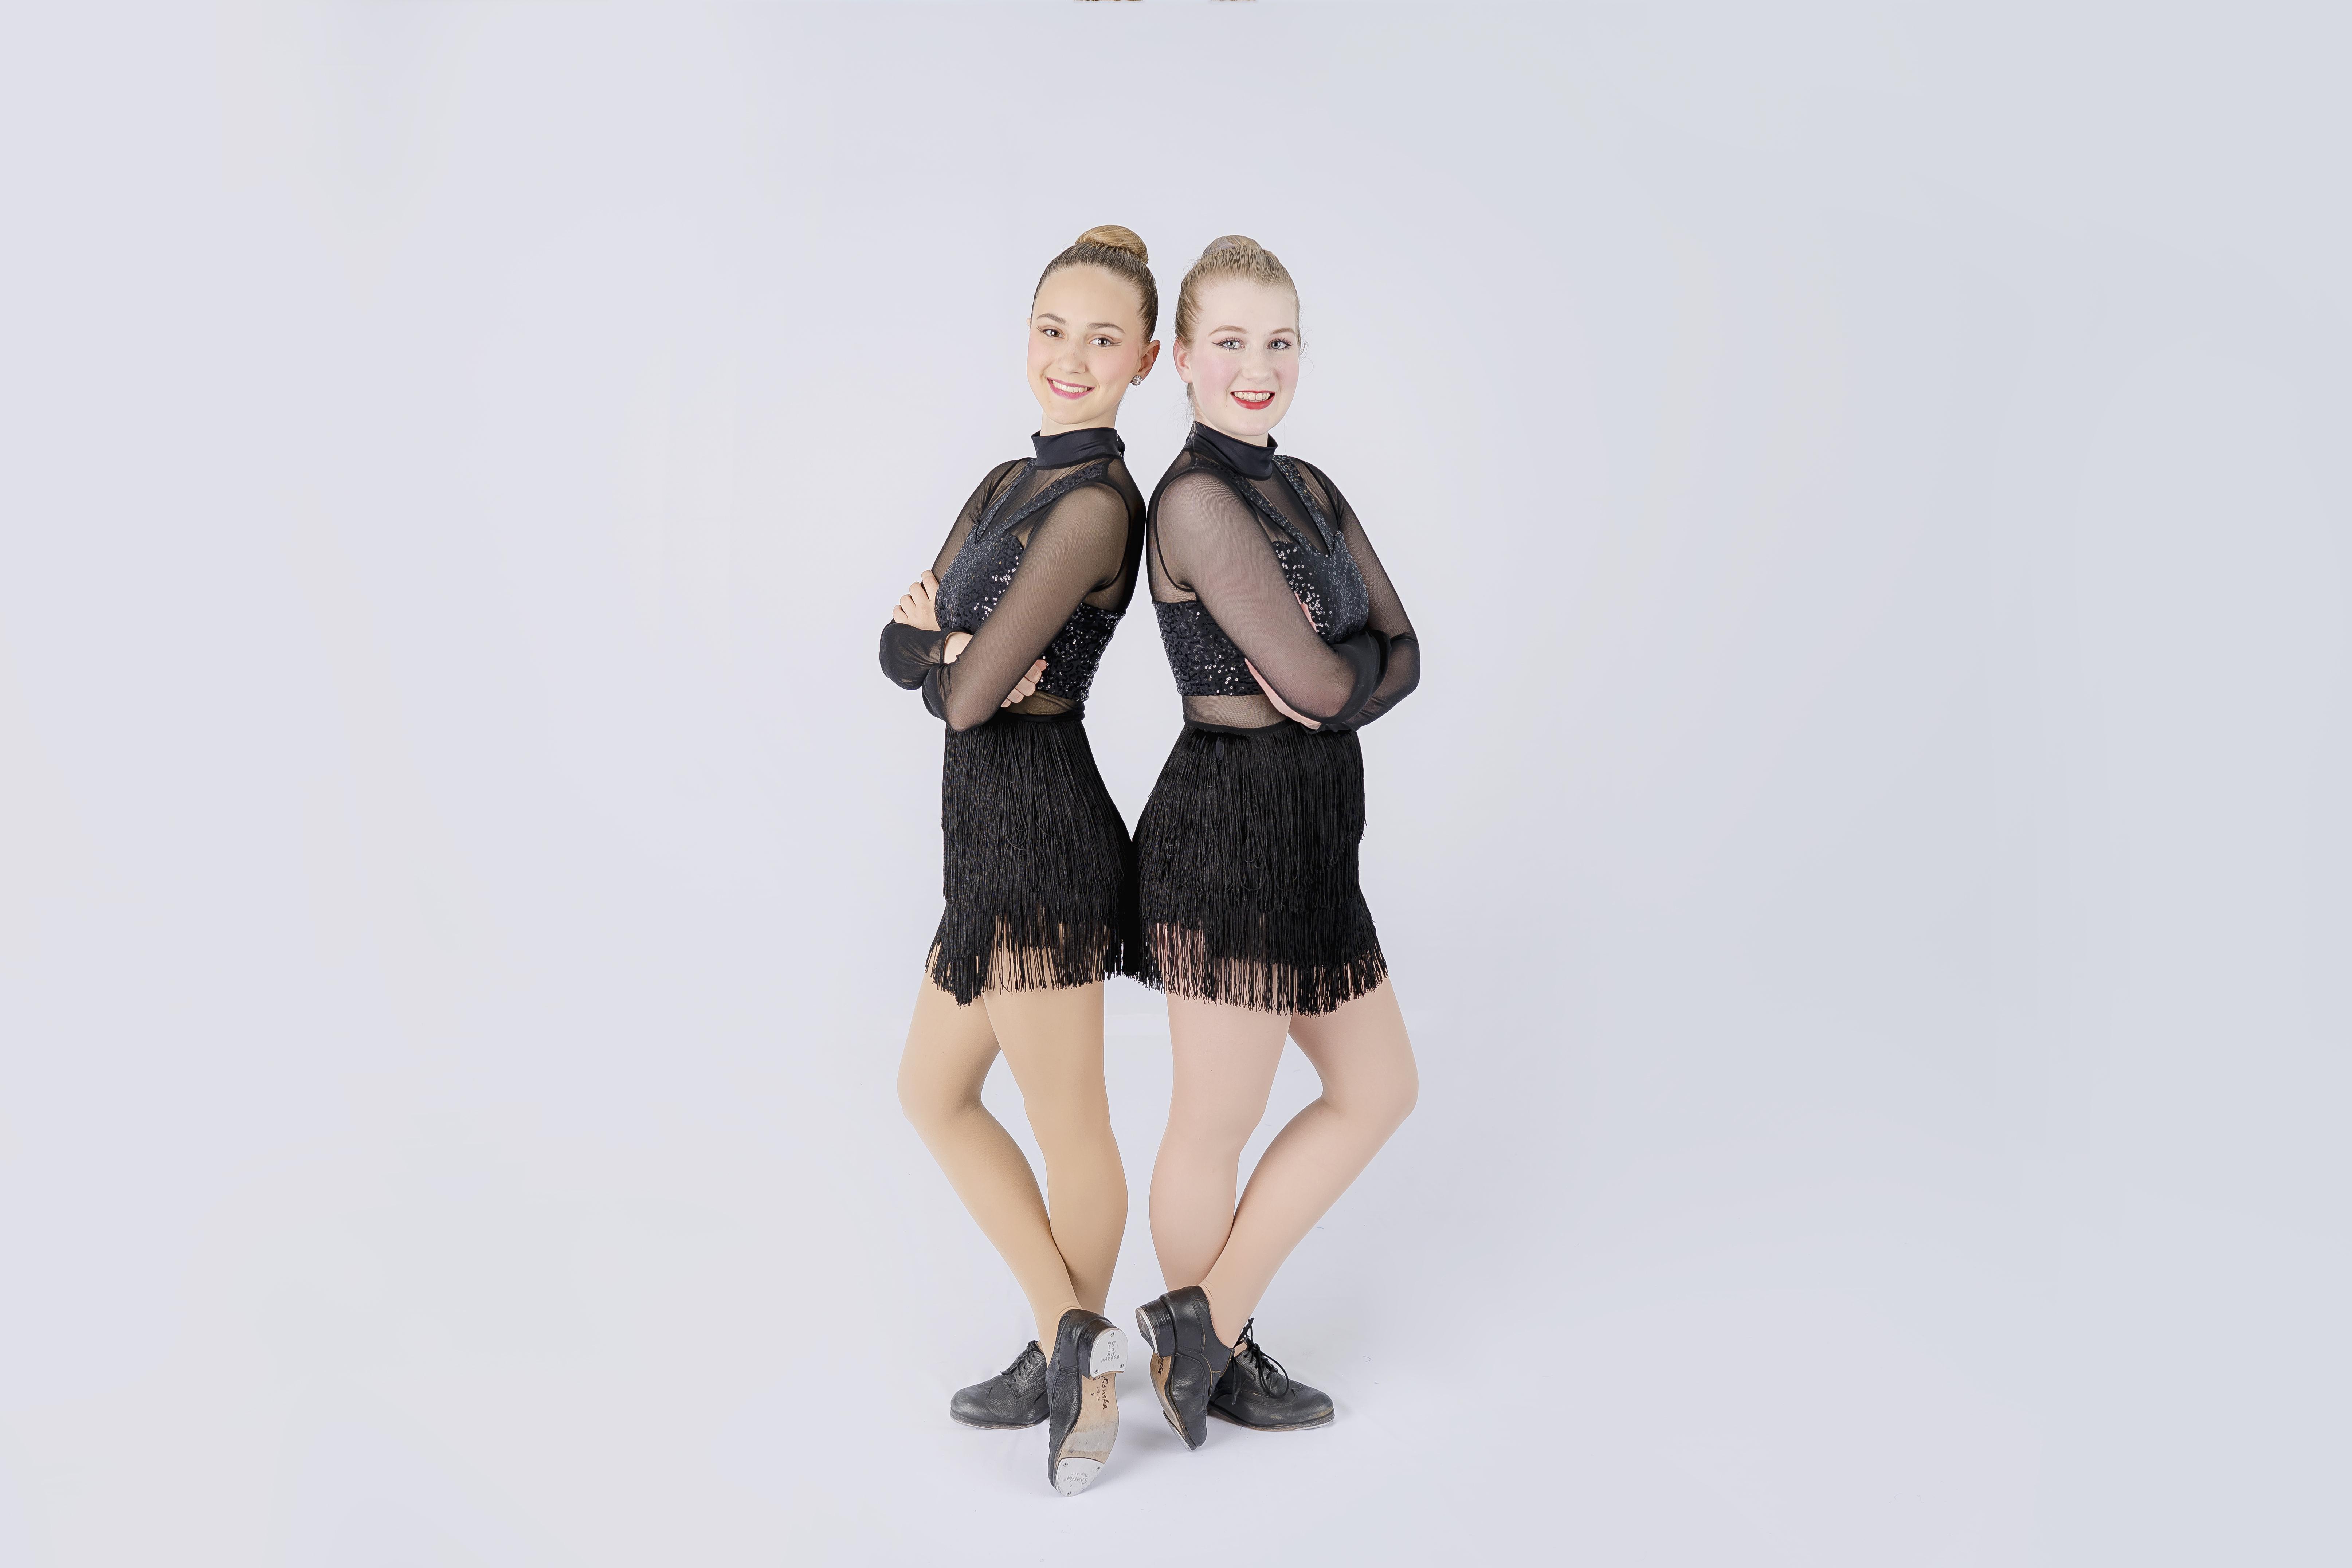 collingwood dance classes